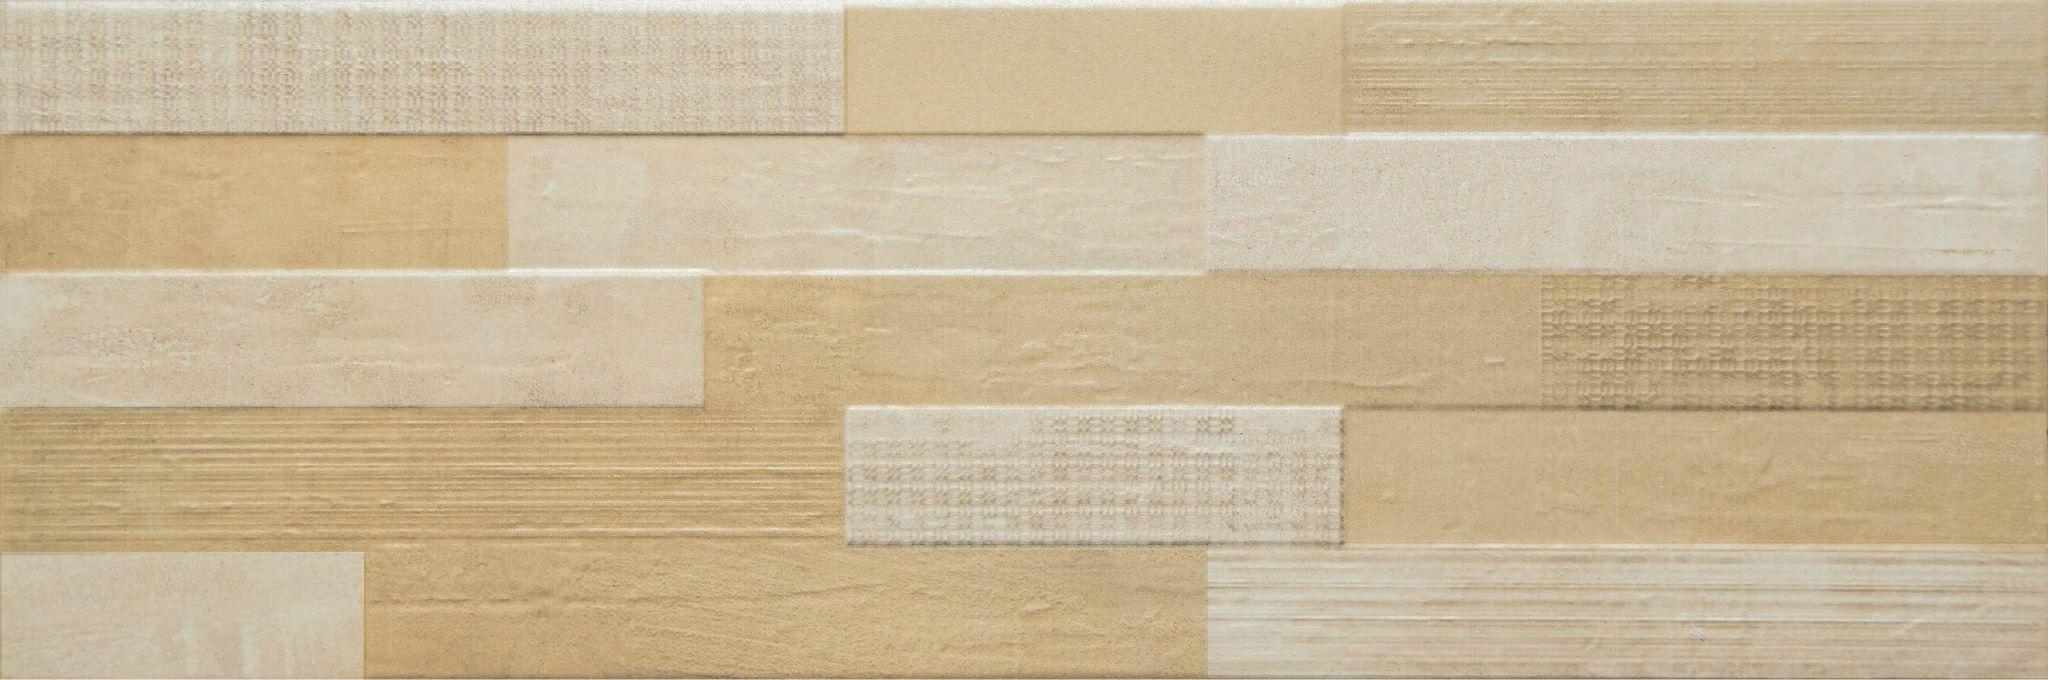 Купить Керамическая плитка Newker Casale Dono Beige настенная 20x60, Испания